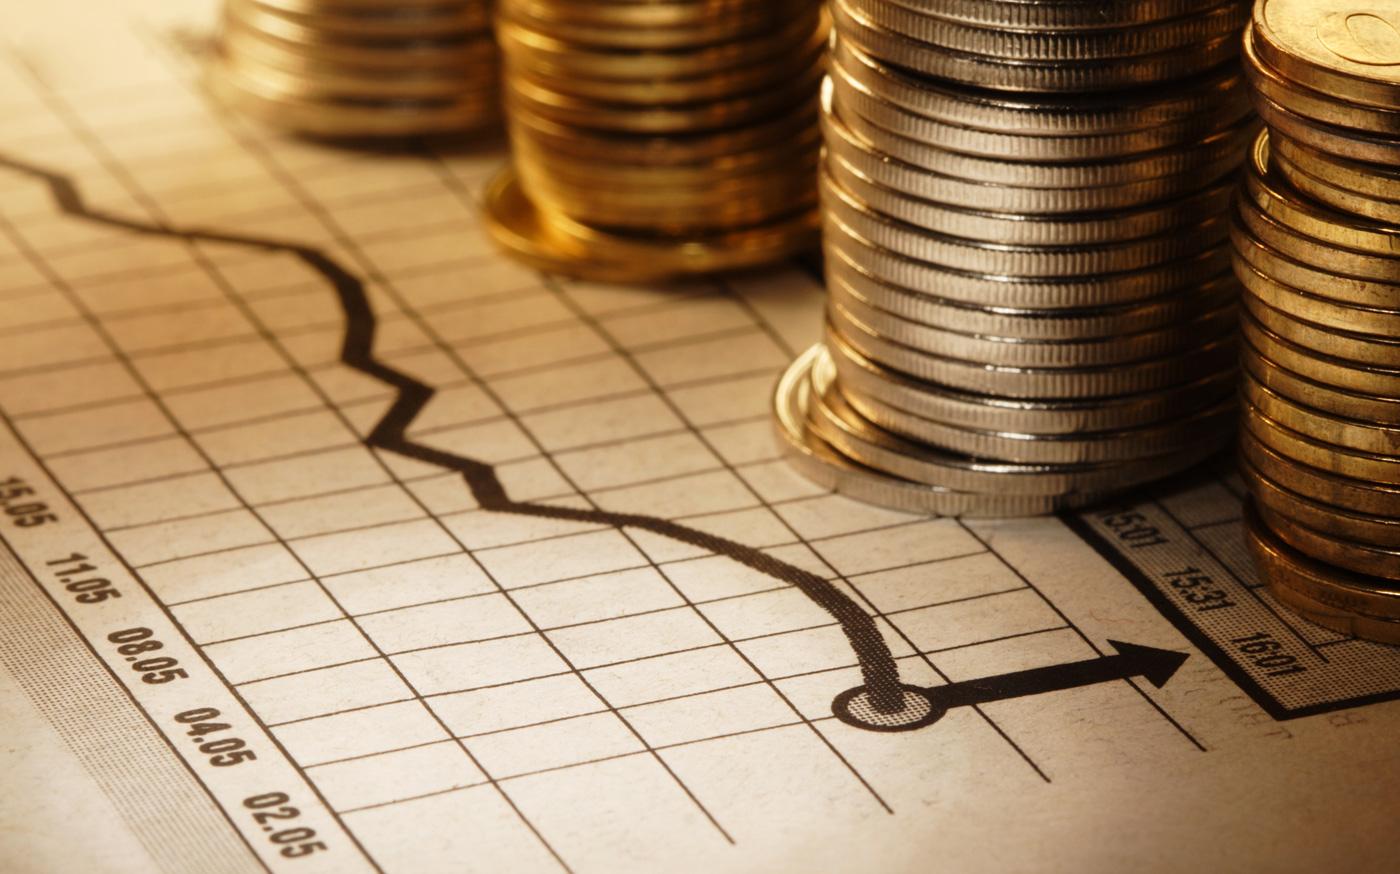 В Якутии разработают «дорожную карту» по подготовке бюджета на следующую «трехлетку»